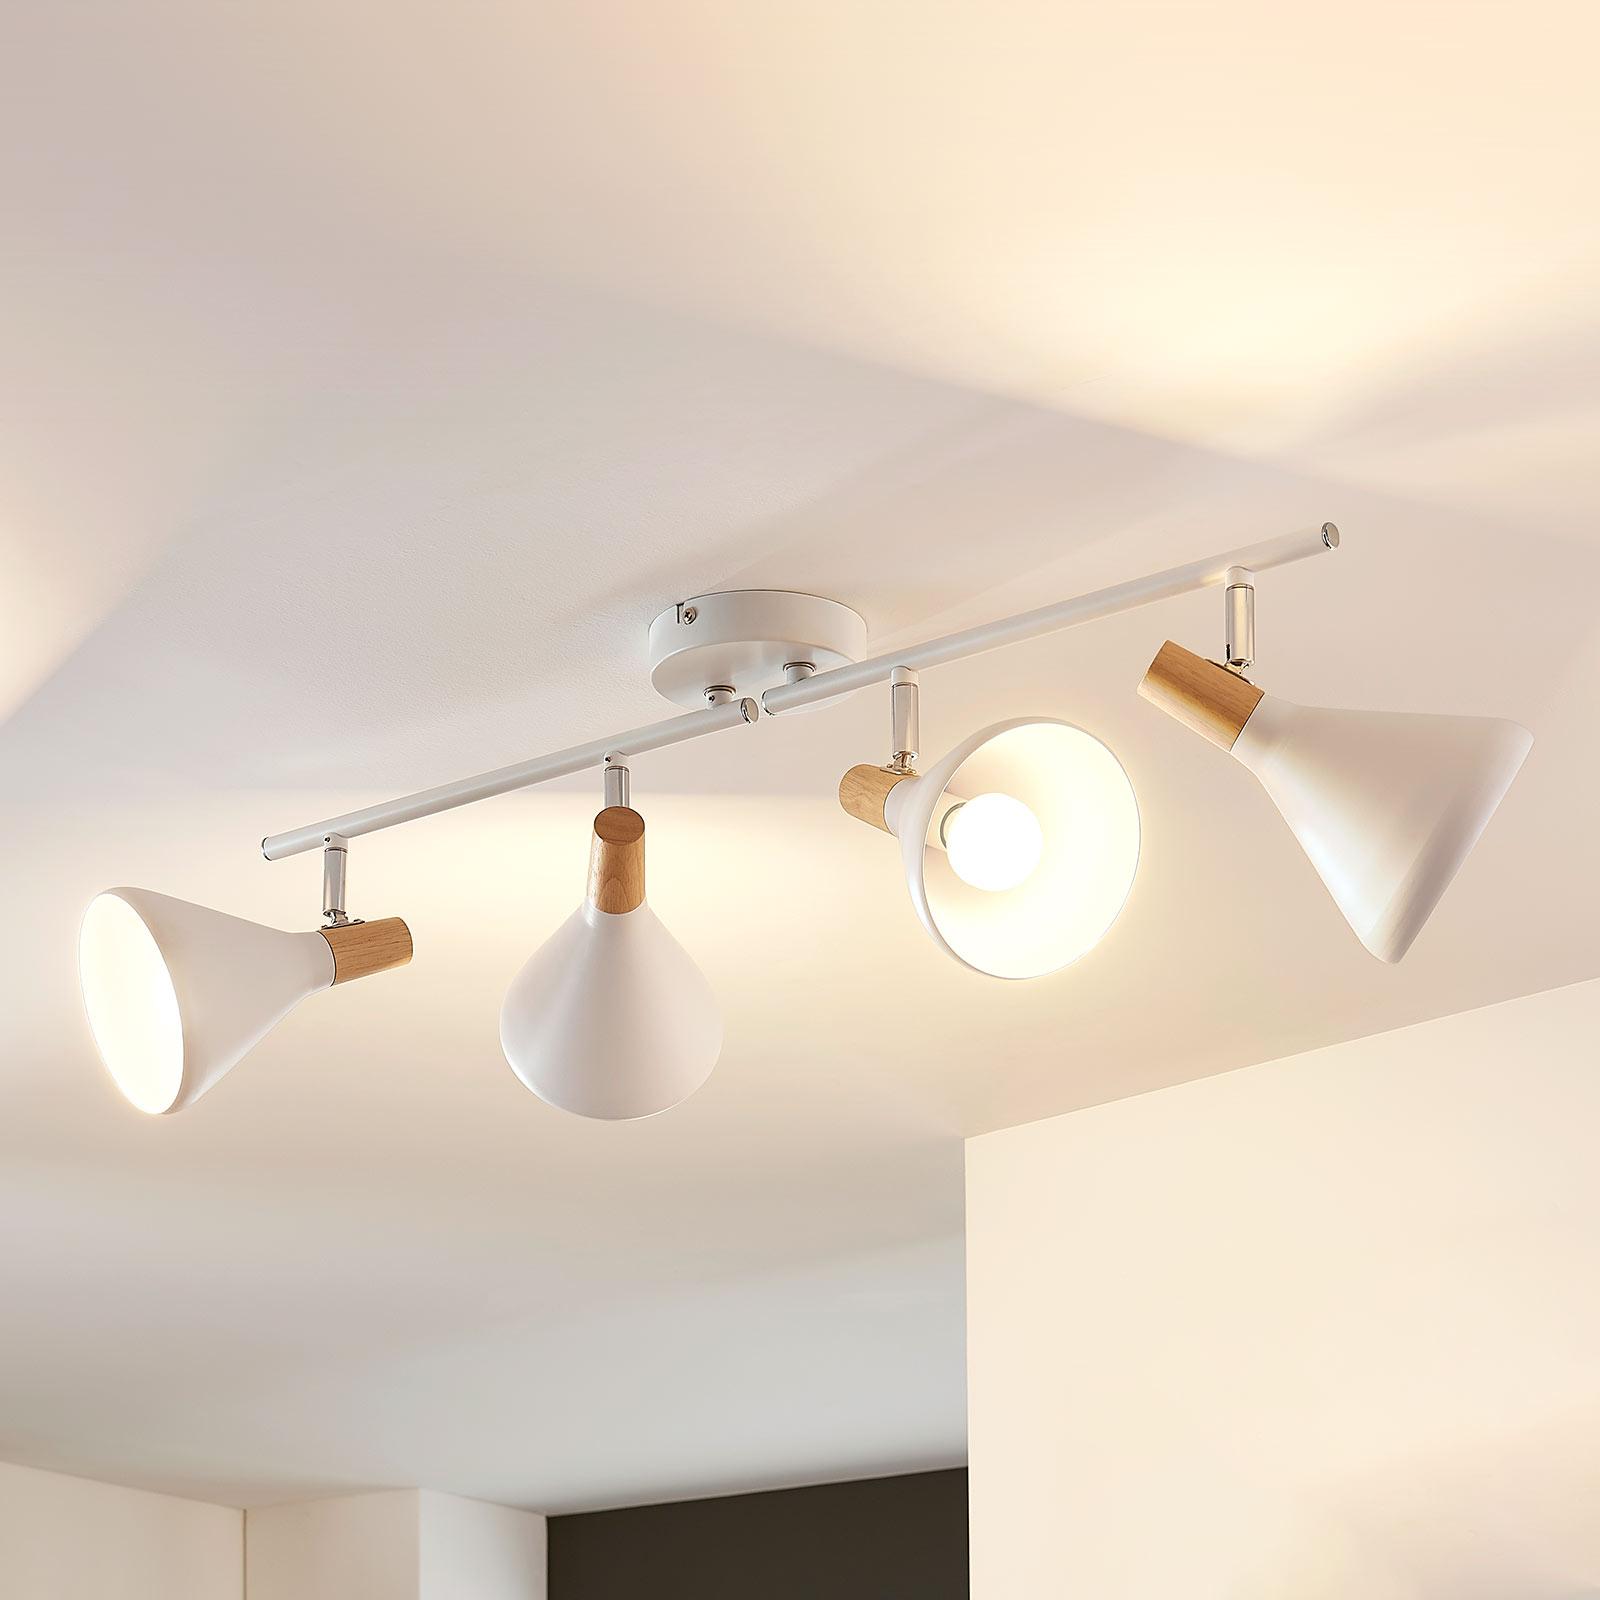 Lámpara LED de techo Arina de 4 brazos, con madera